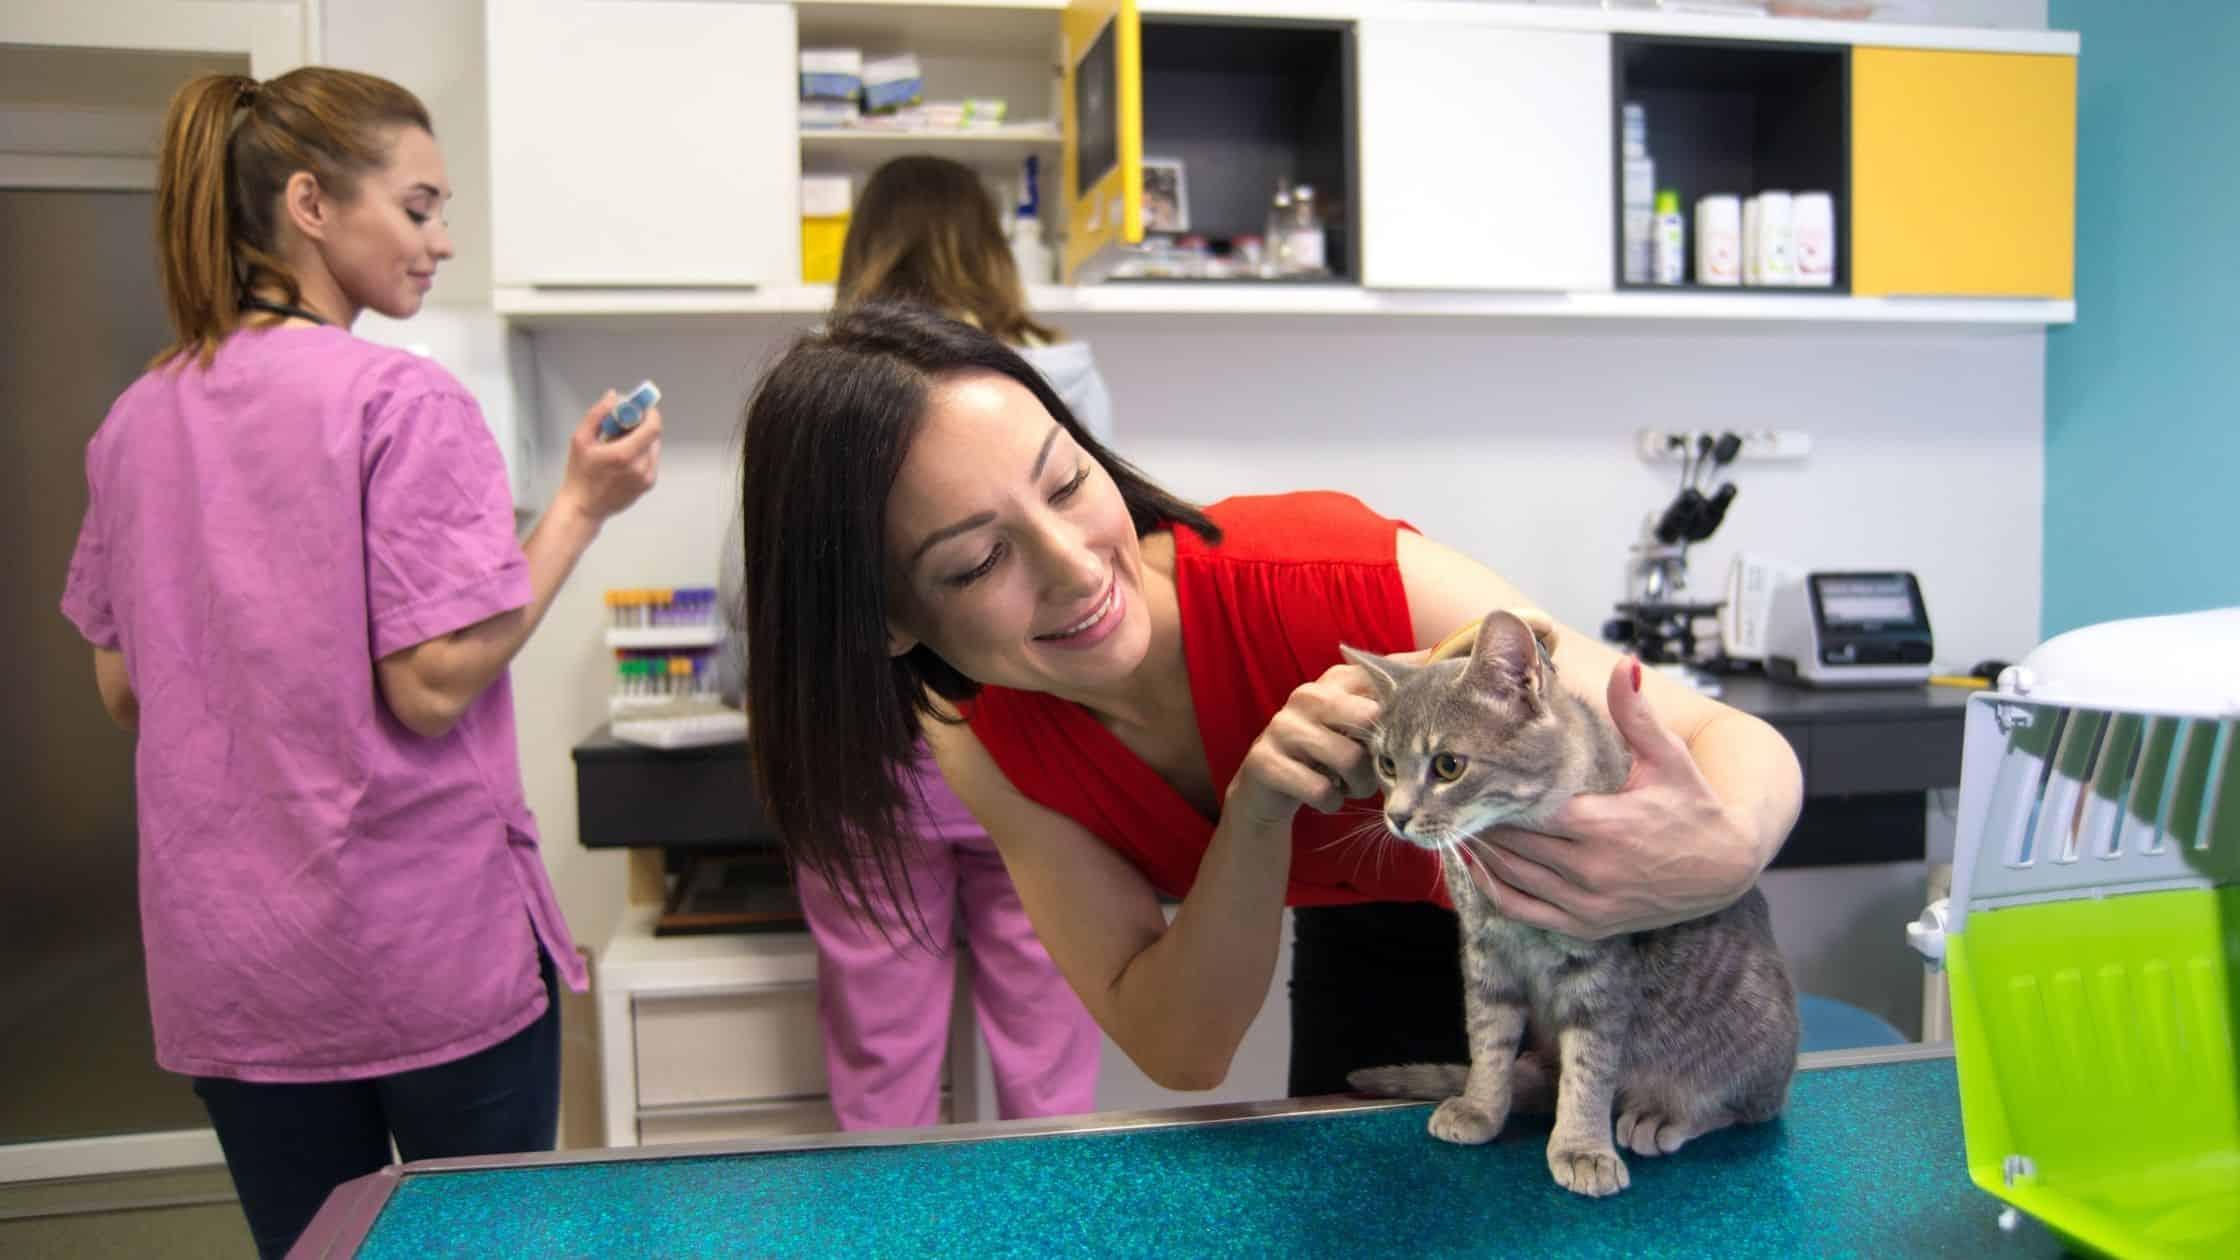 Owner checking on cat at vet office